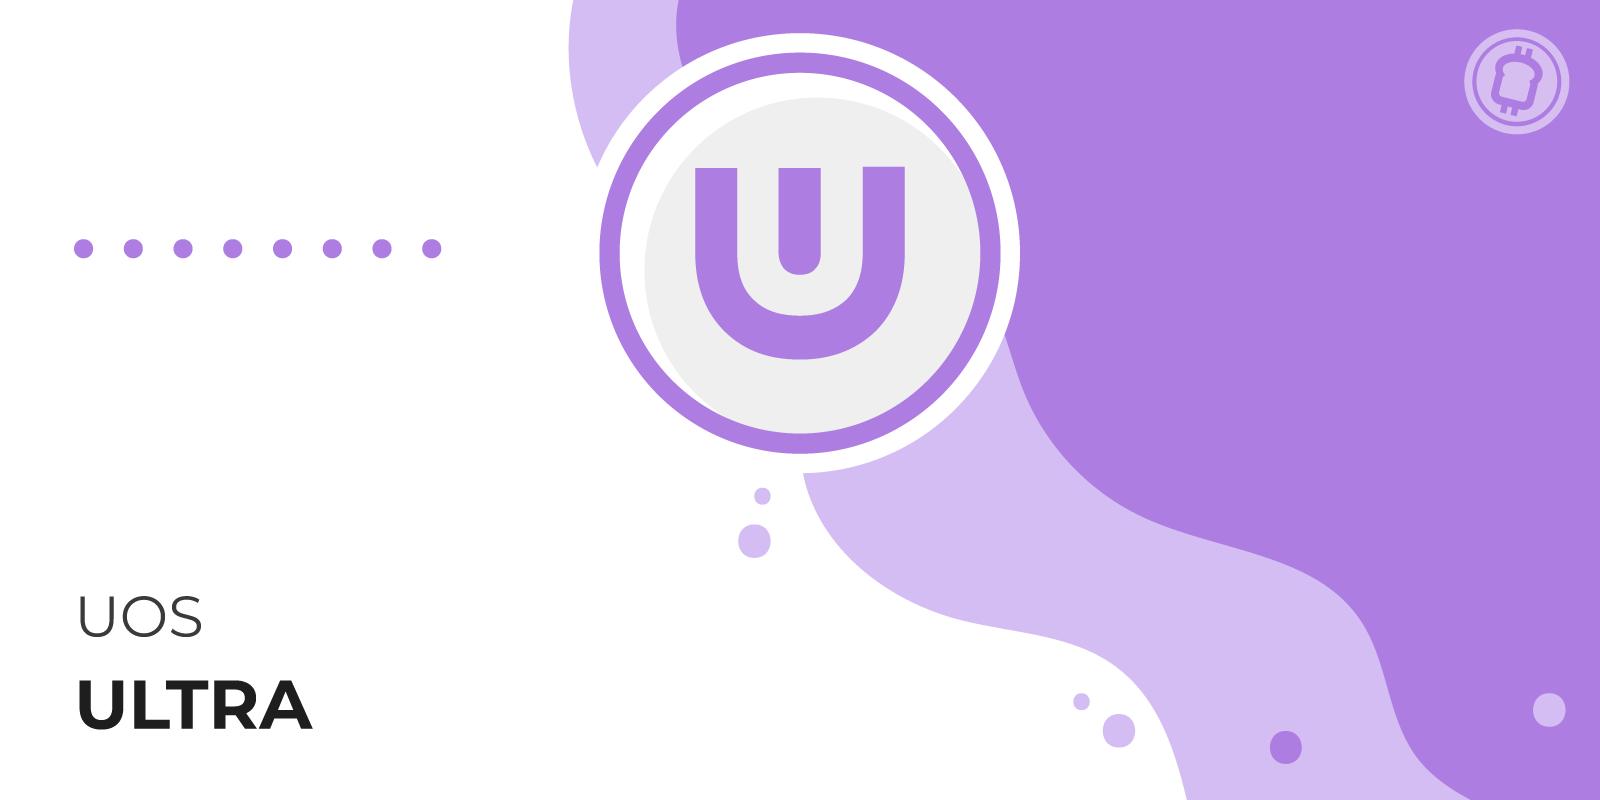 Ultra (UOS), la plateforme de distribution de jeux basée sur la blockchain